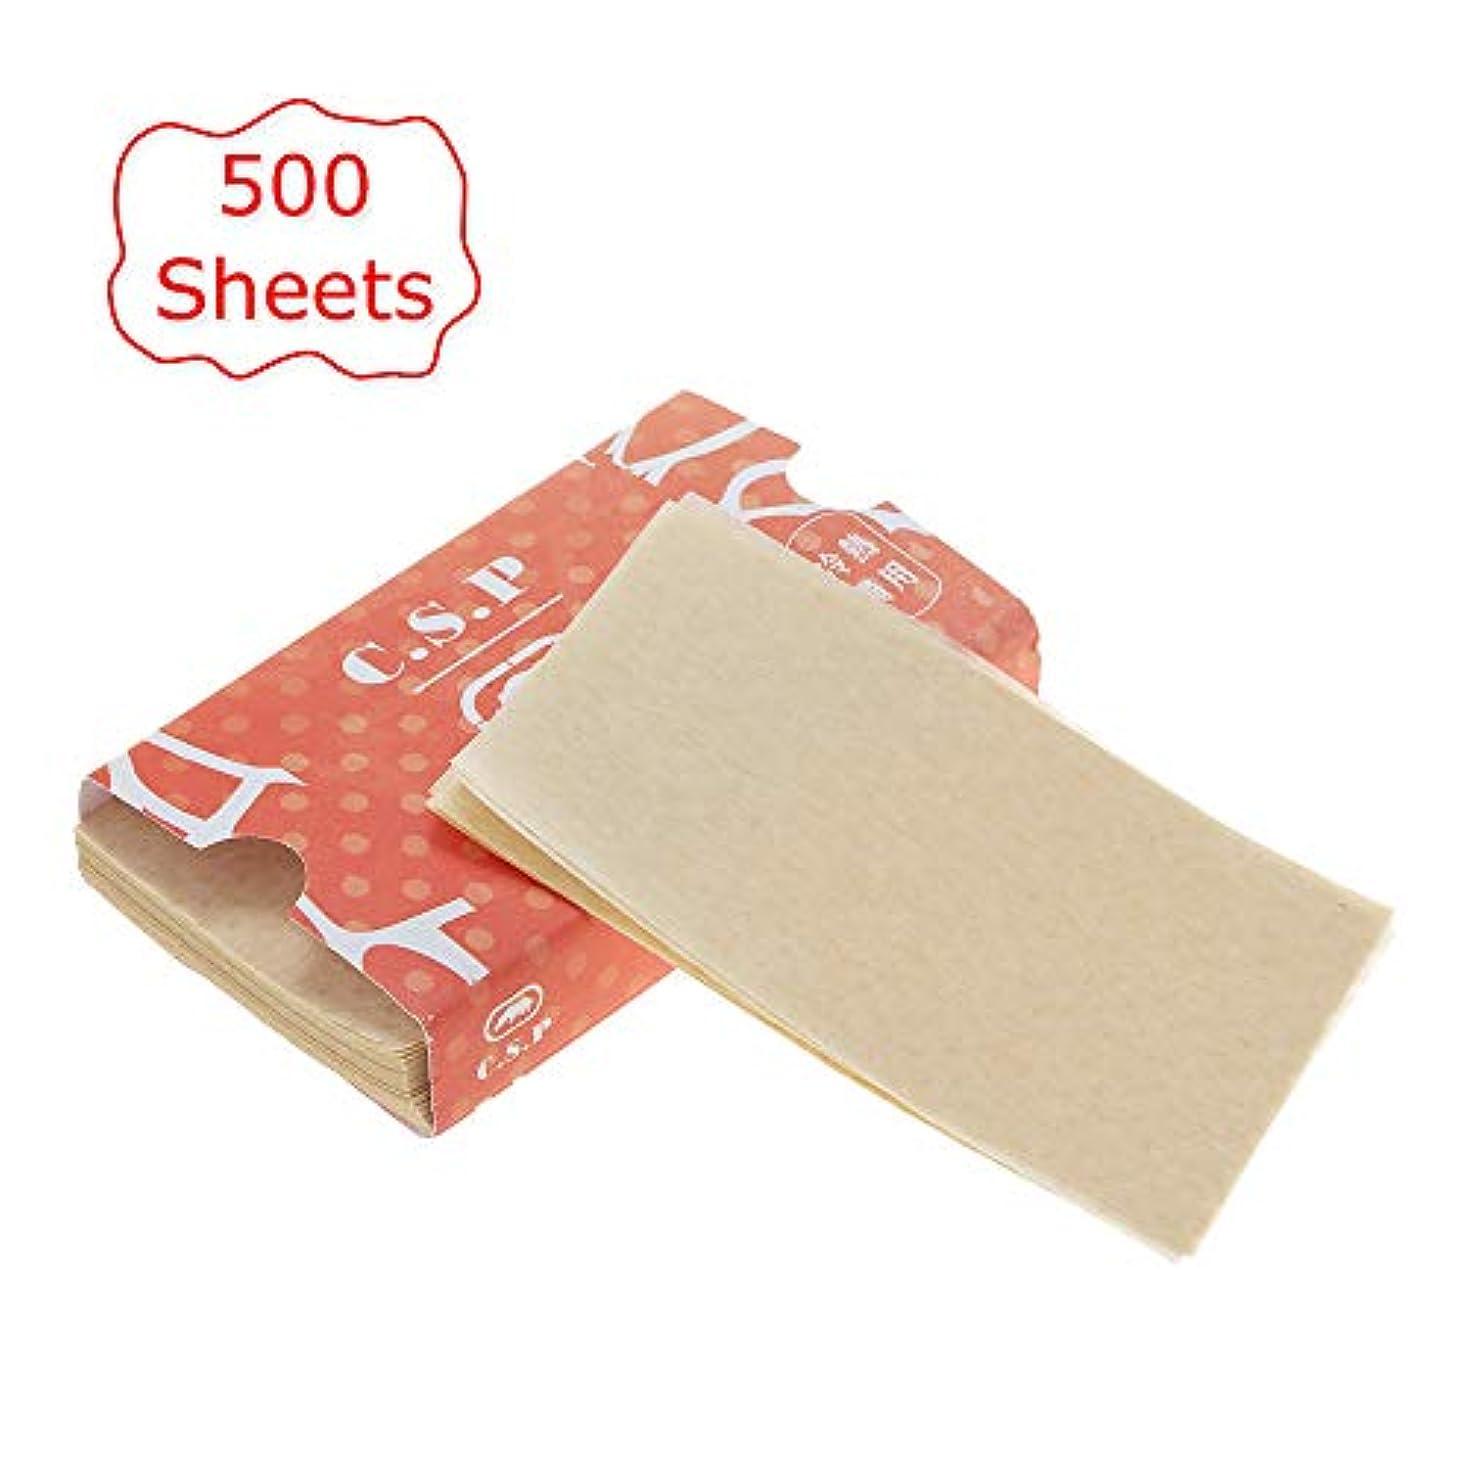 であるビルダー日常的にDecdeal 500枚 ヘアカラー紙 ヘアダイペーパー ヘアパーマツール 自宅 DIY